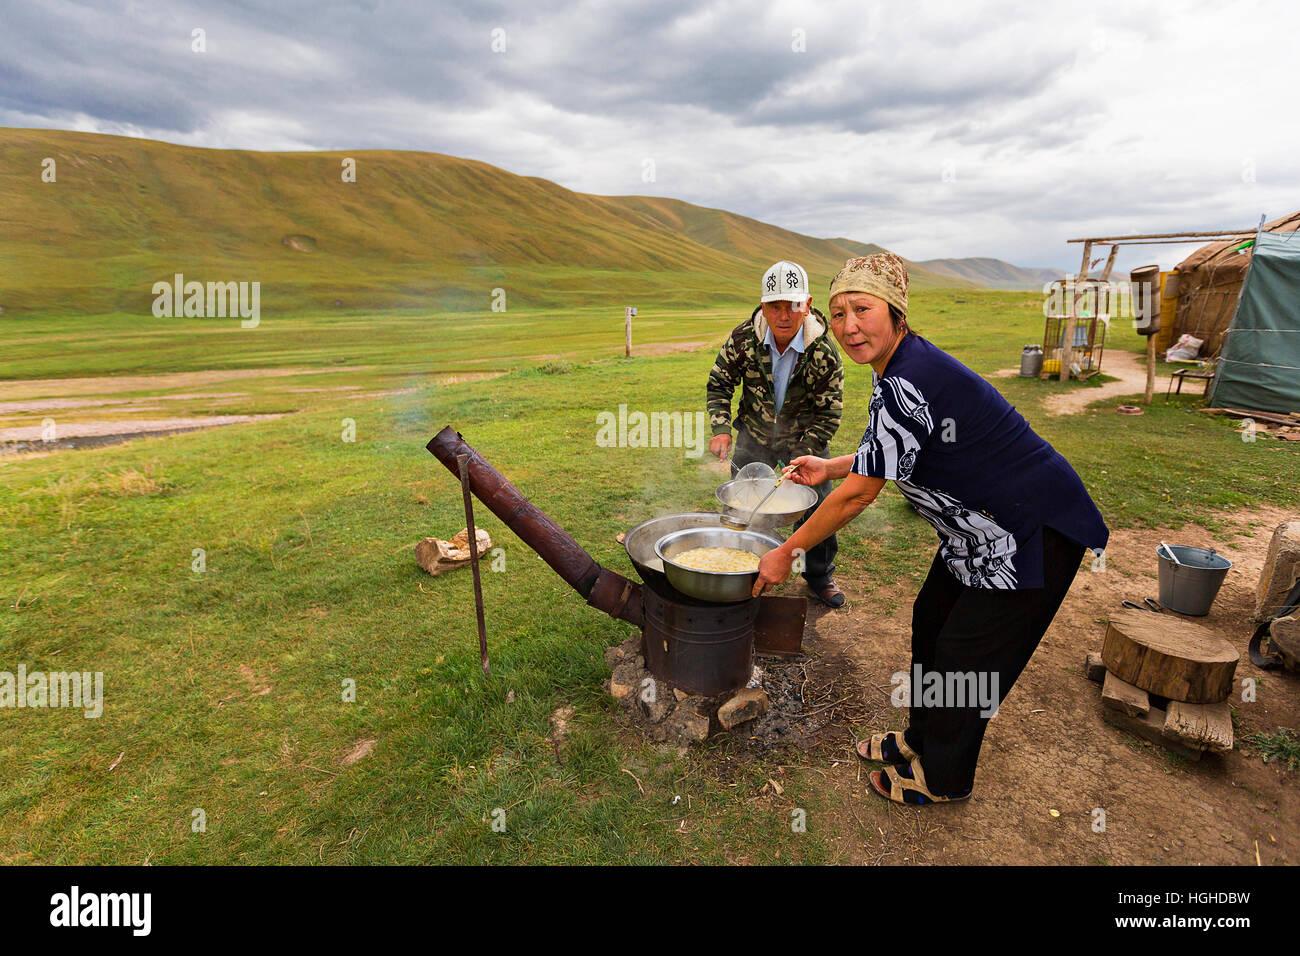 Kazakh woman making traditional noodle soup known as lagman in Assy Plateau, Kazakhstan. Stock Photo